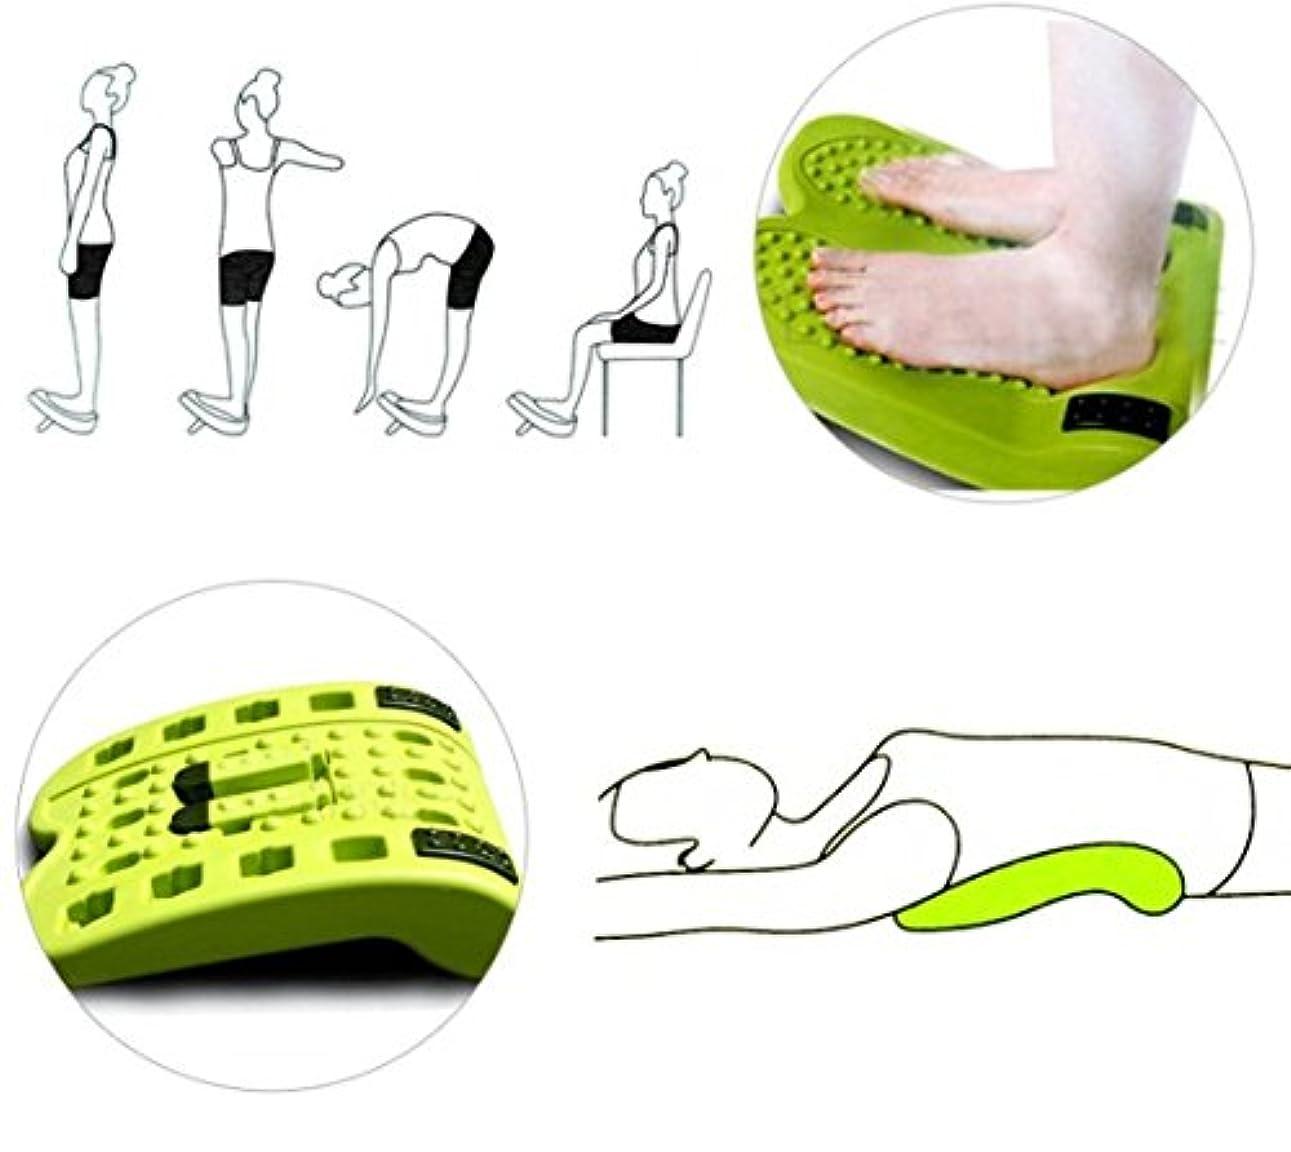 患者排他的チャーターIWANNA足のストレッチマルチ傾斜ボード3段階の調節可能な傾斜+など、足のストレッチマッサージ(海外直送品)